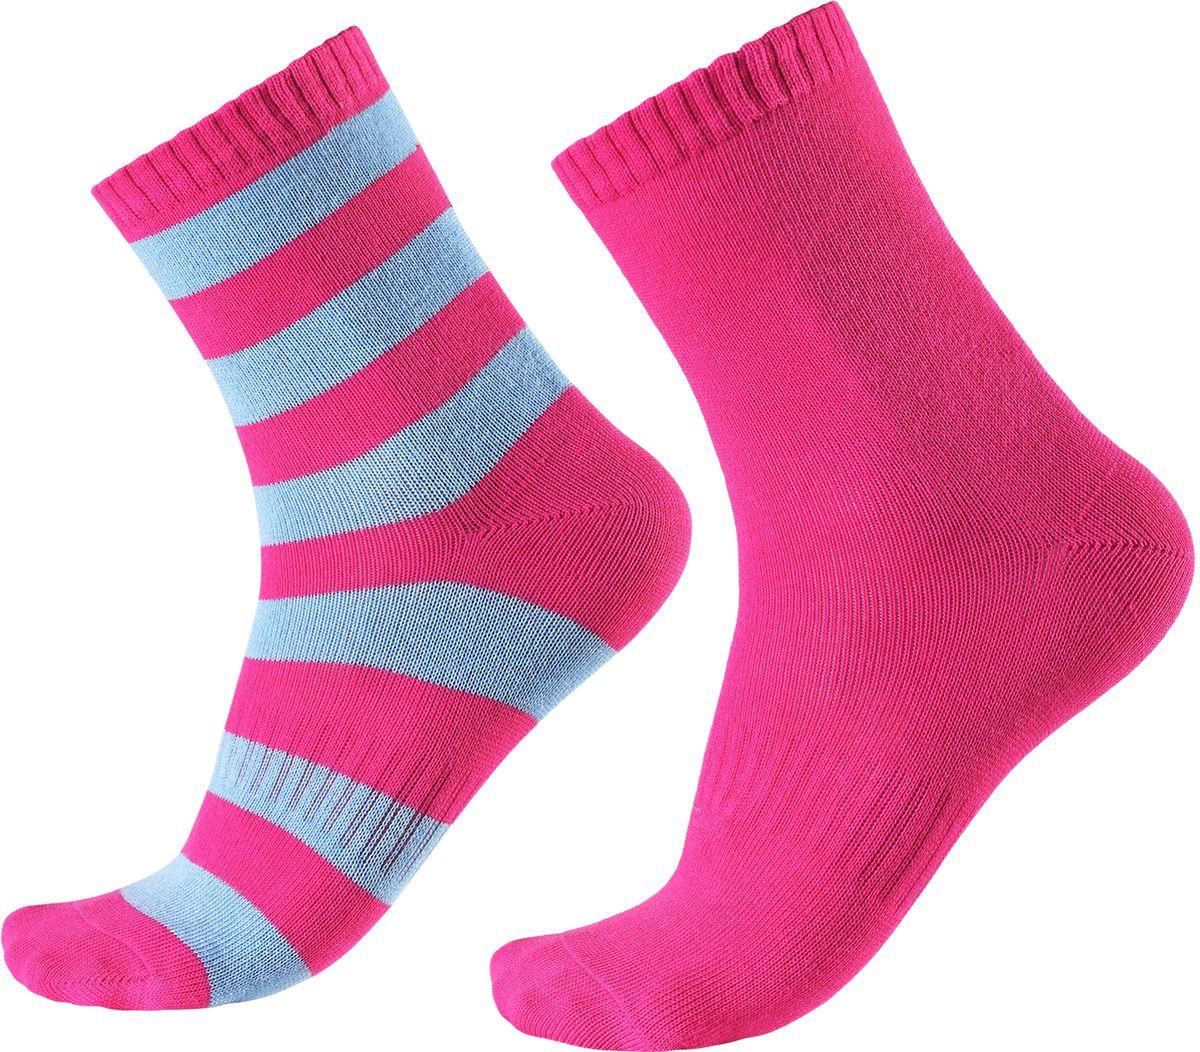 Носки детские Reima Colombo, цвет: розовый, голубой. 527267-4620. Размер 26/29527267-4620В носках из смеси Coolmax детским ножкам будет тепло и уютно. Смесь Coolmax с хлопком превосходно подходит для занятий спортом и подвижных игр на свежем воздухе, поскольку эффективно выводит влагу с кожи и не вызывает потливости. Этот материал дышит и быстро сохнет. Легкая летняя модель без ворсового усиления.